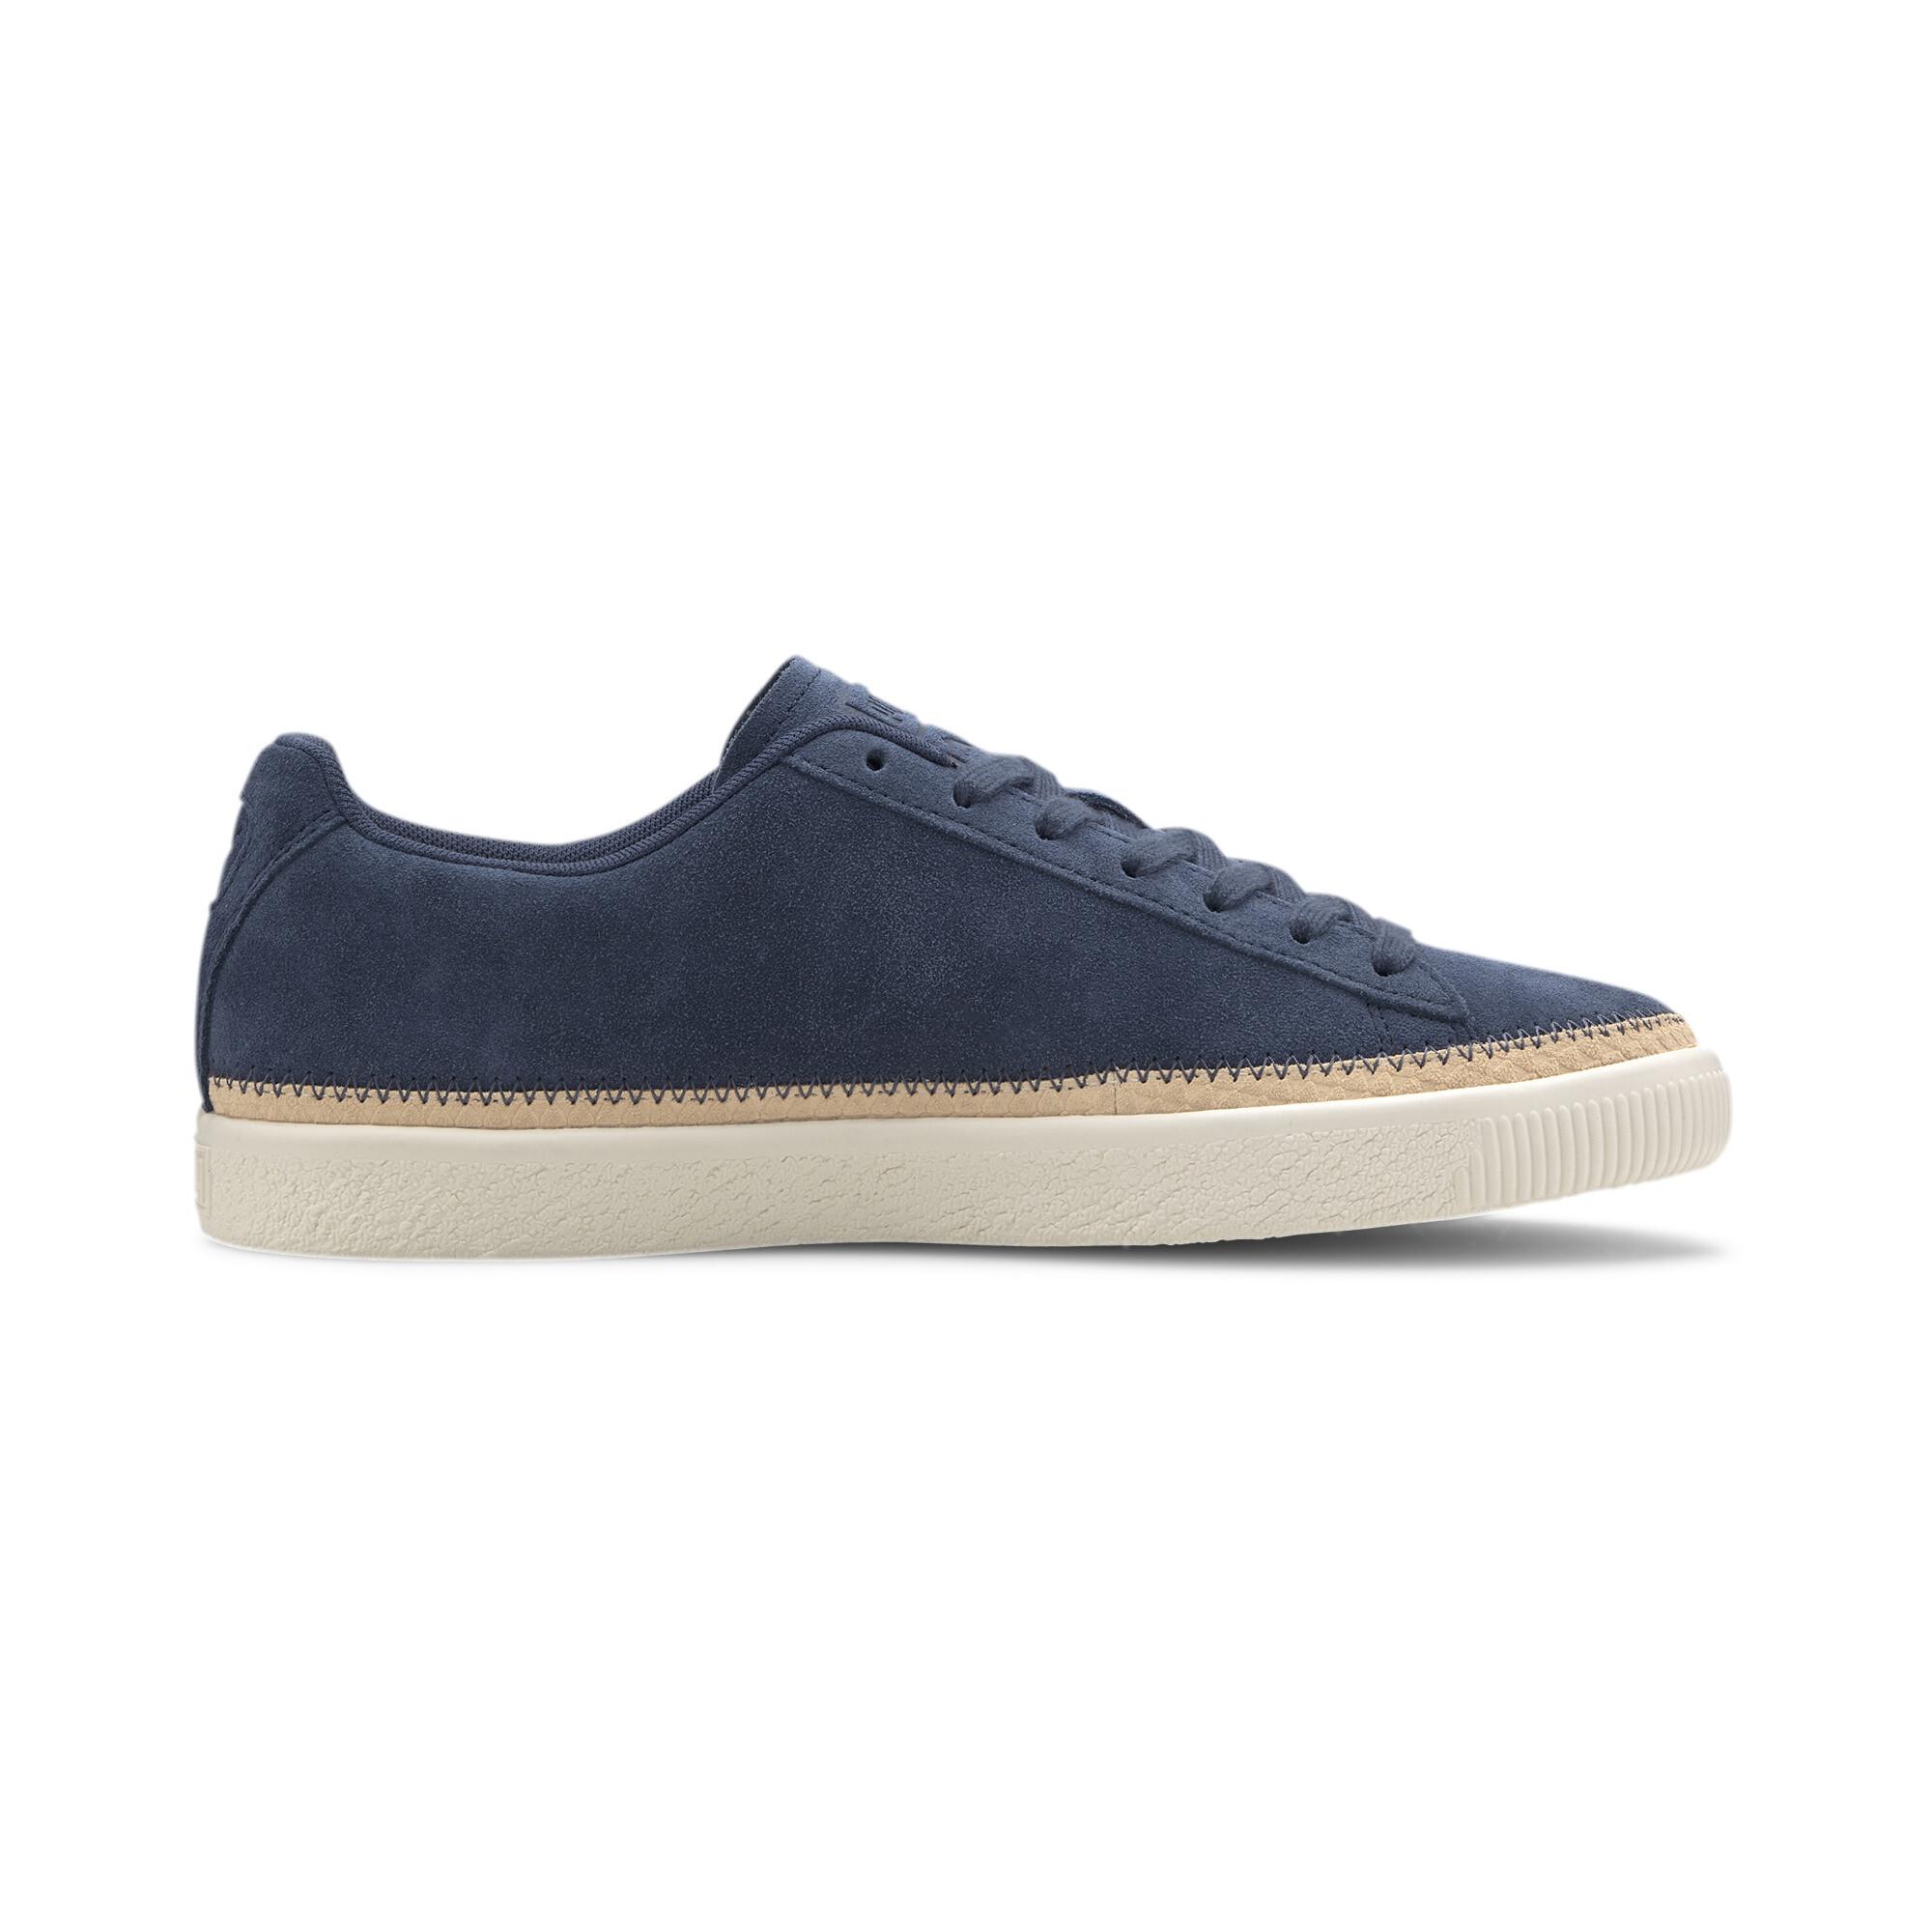 PUMA-Men-039-s-Suede-Trim-DLX-Sneakers thumbnail 14